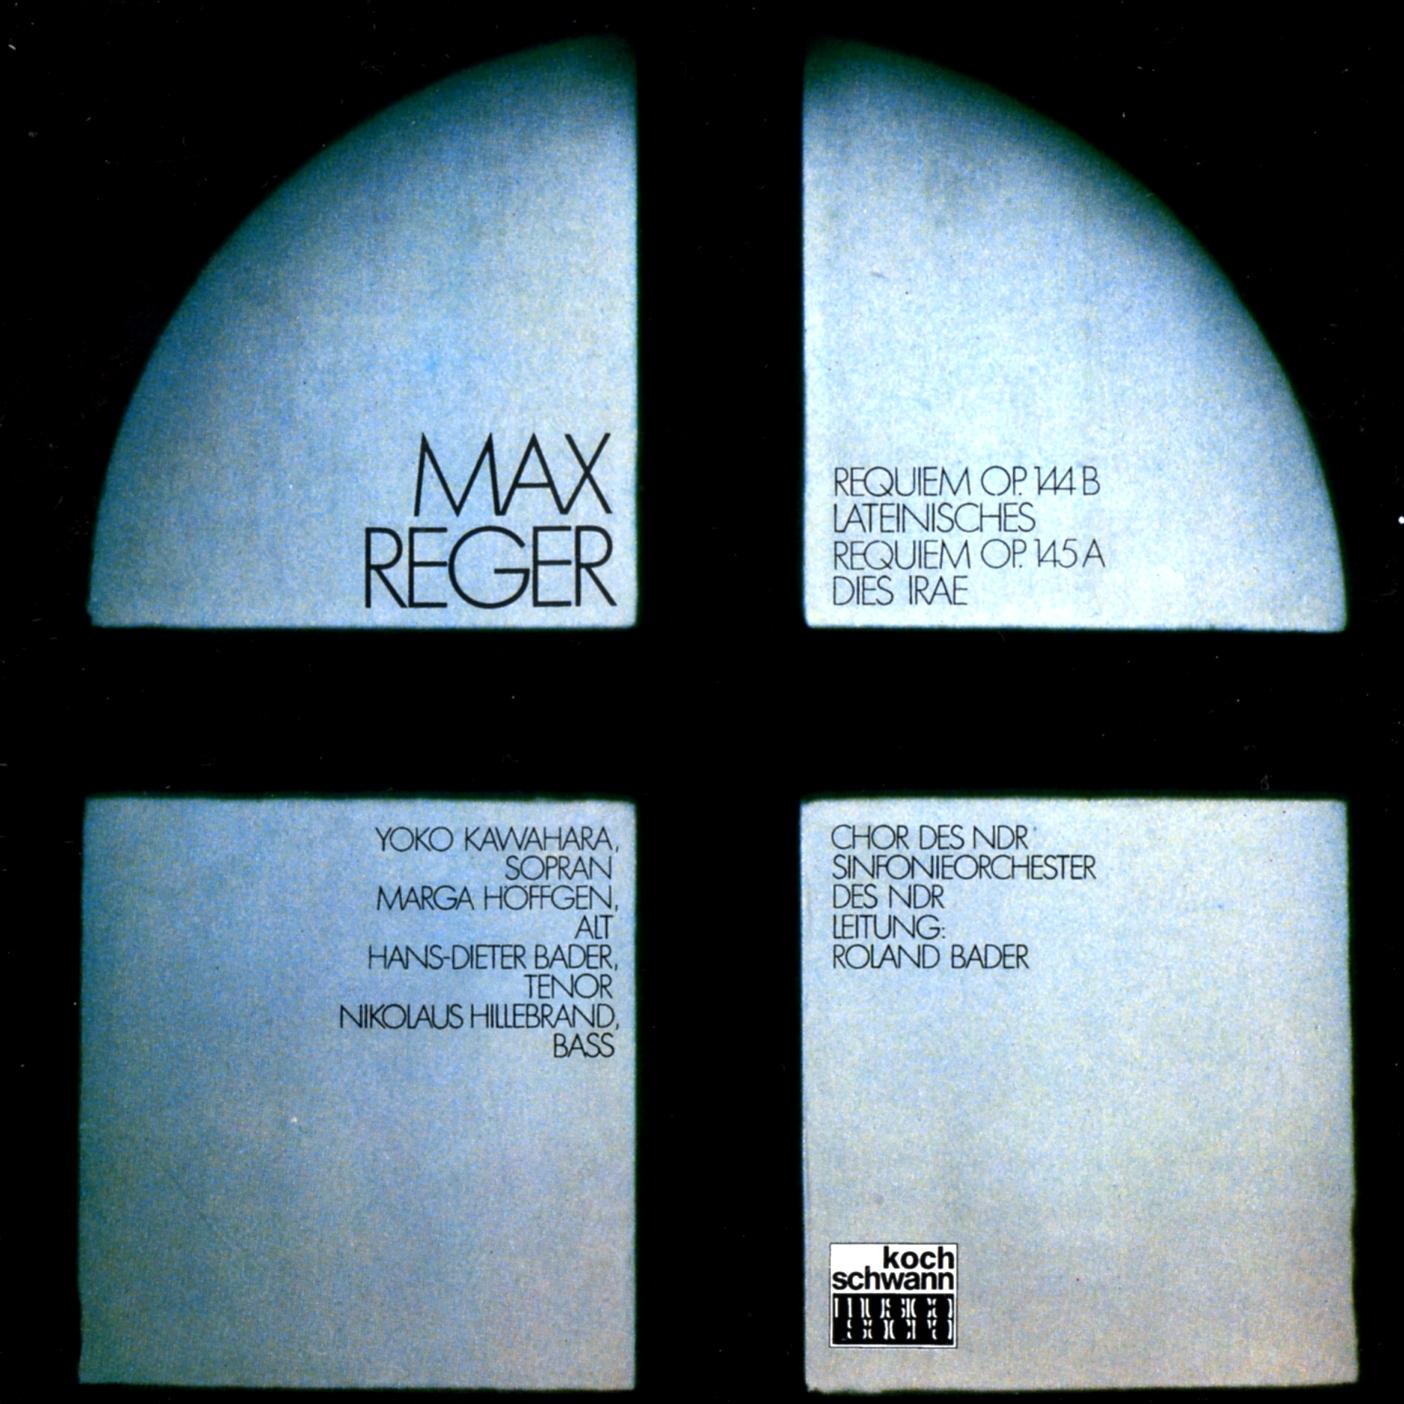 Max Reger   Requiems (Roland Bader)